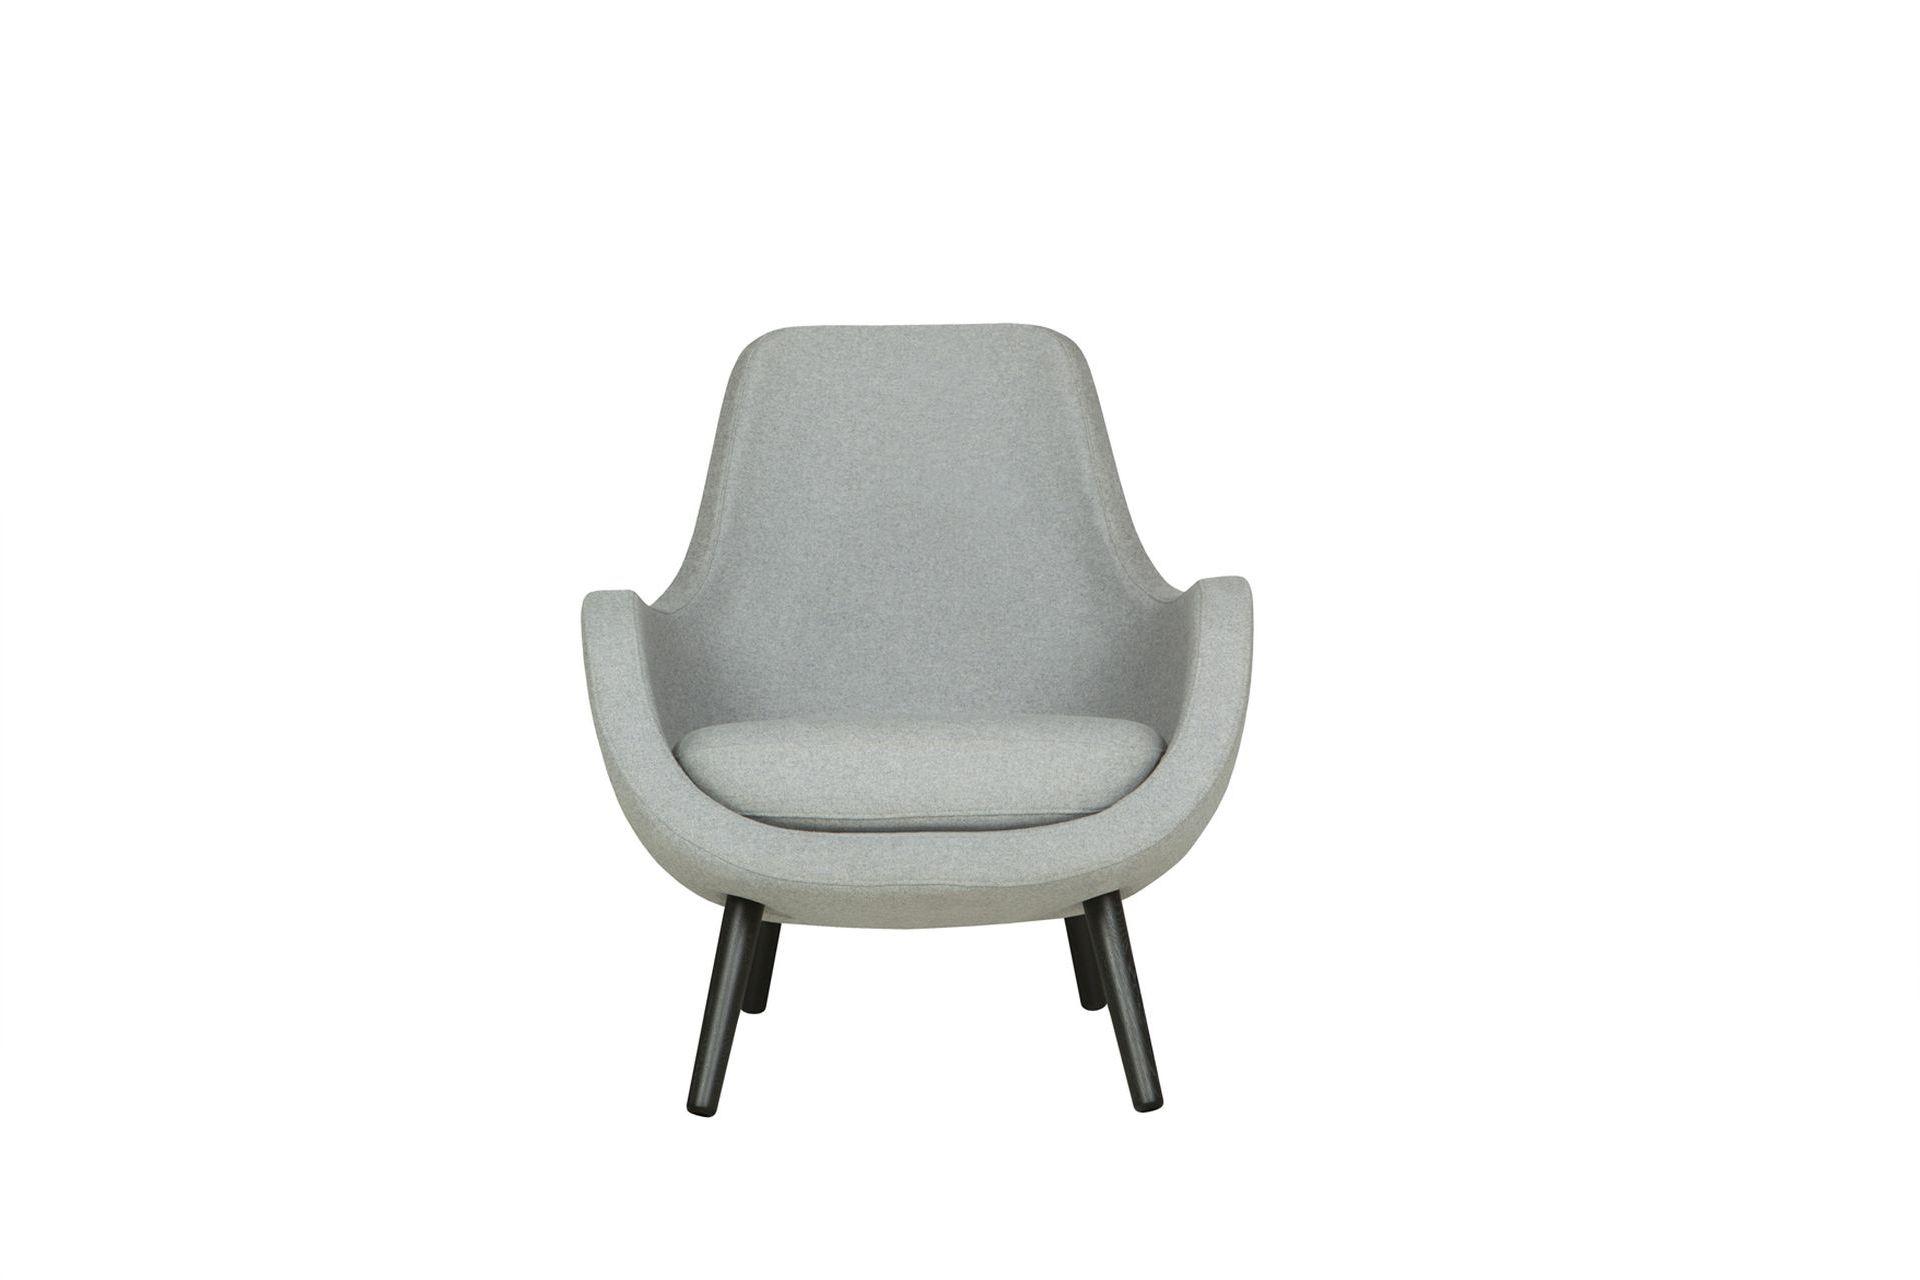 Кресло Sits 9922303 от thefurnish